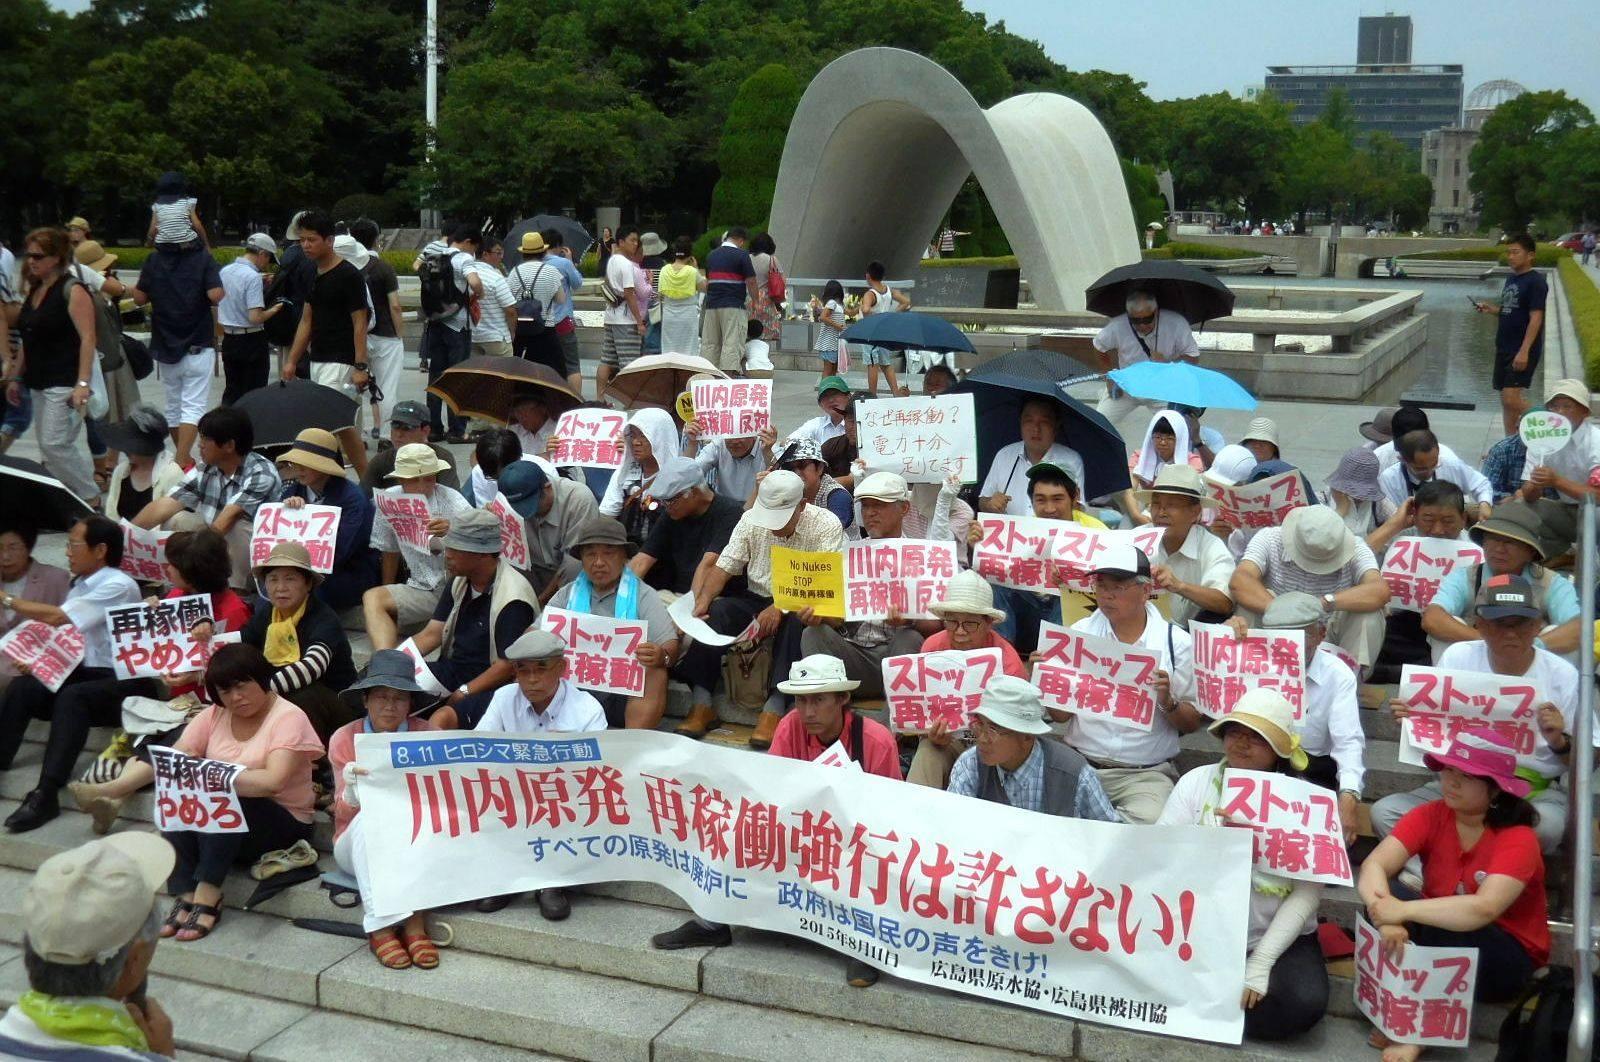 原水協と被団協は川内原発一号機の再稼働に抗議し、原爆慰霊碑前で座り込み_e0094315_20041582.jpg